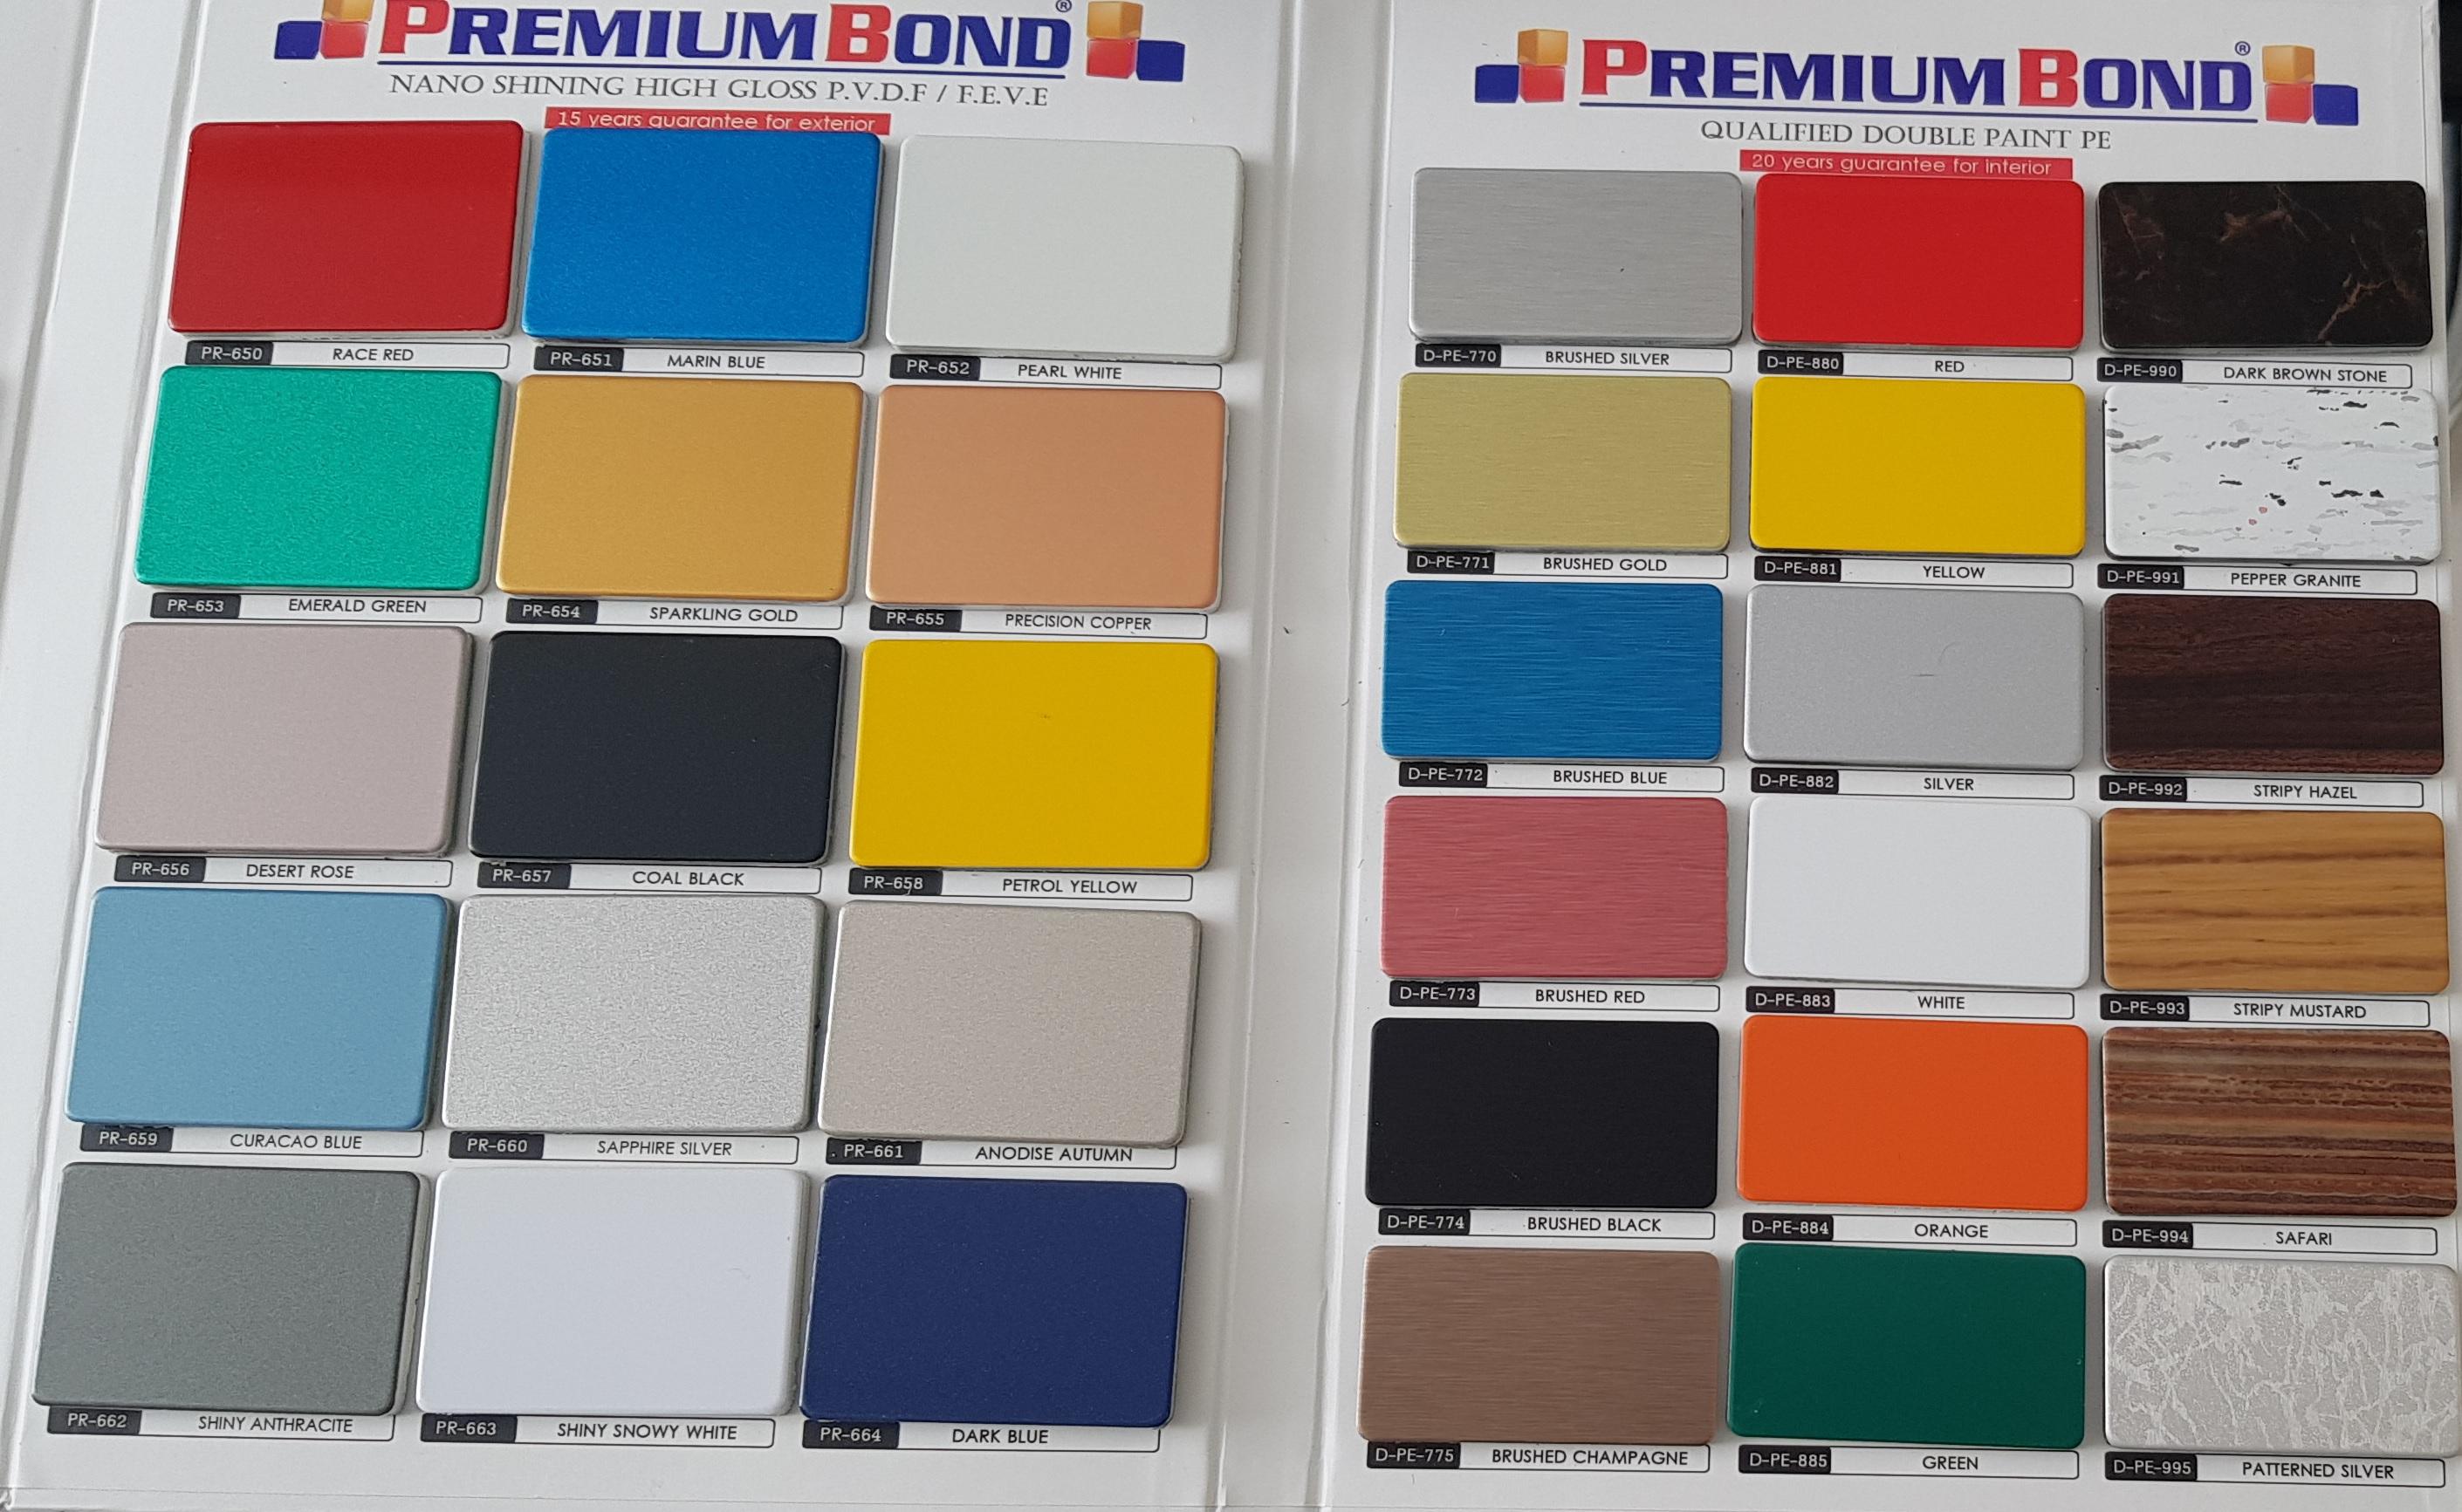 رنگ بندی ورق کامپوزیت - پرمیوم باند